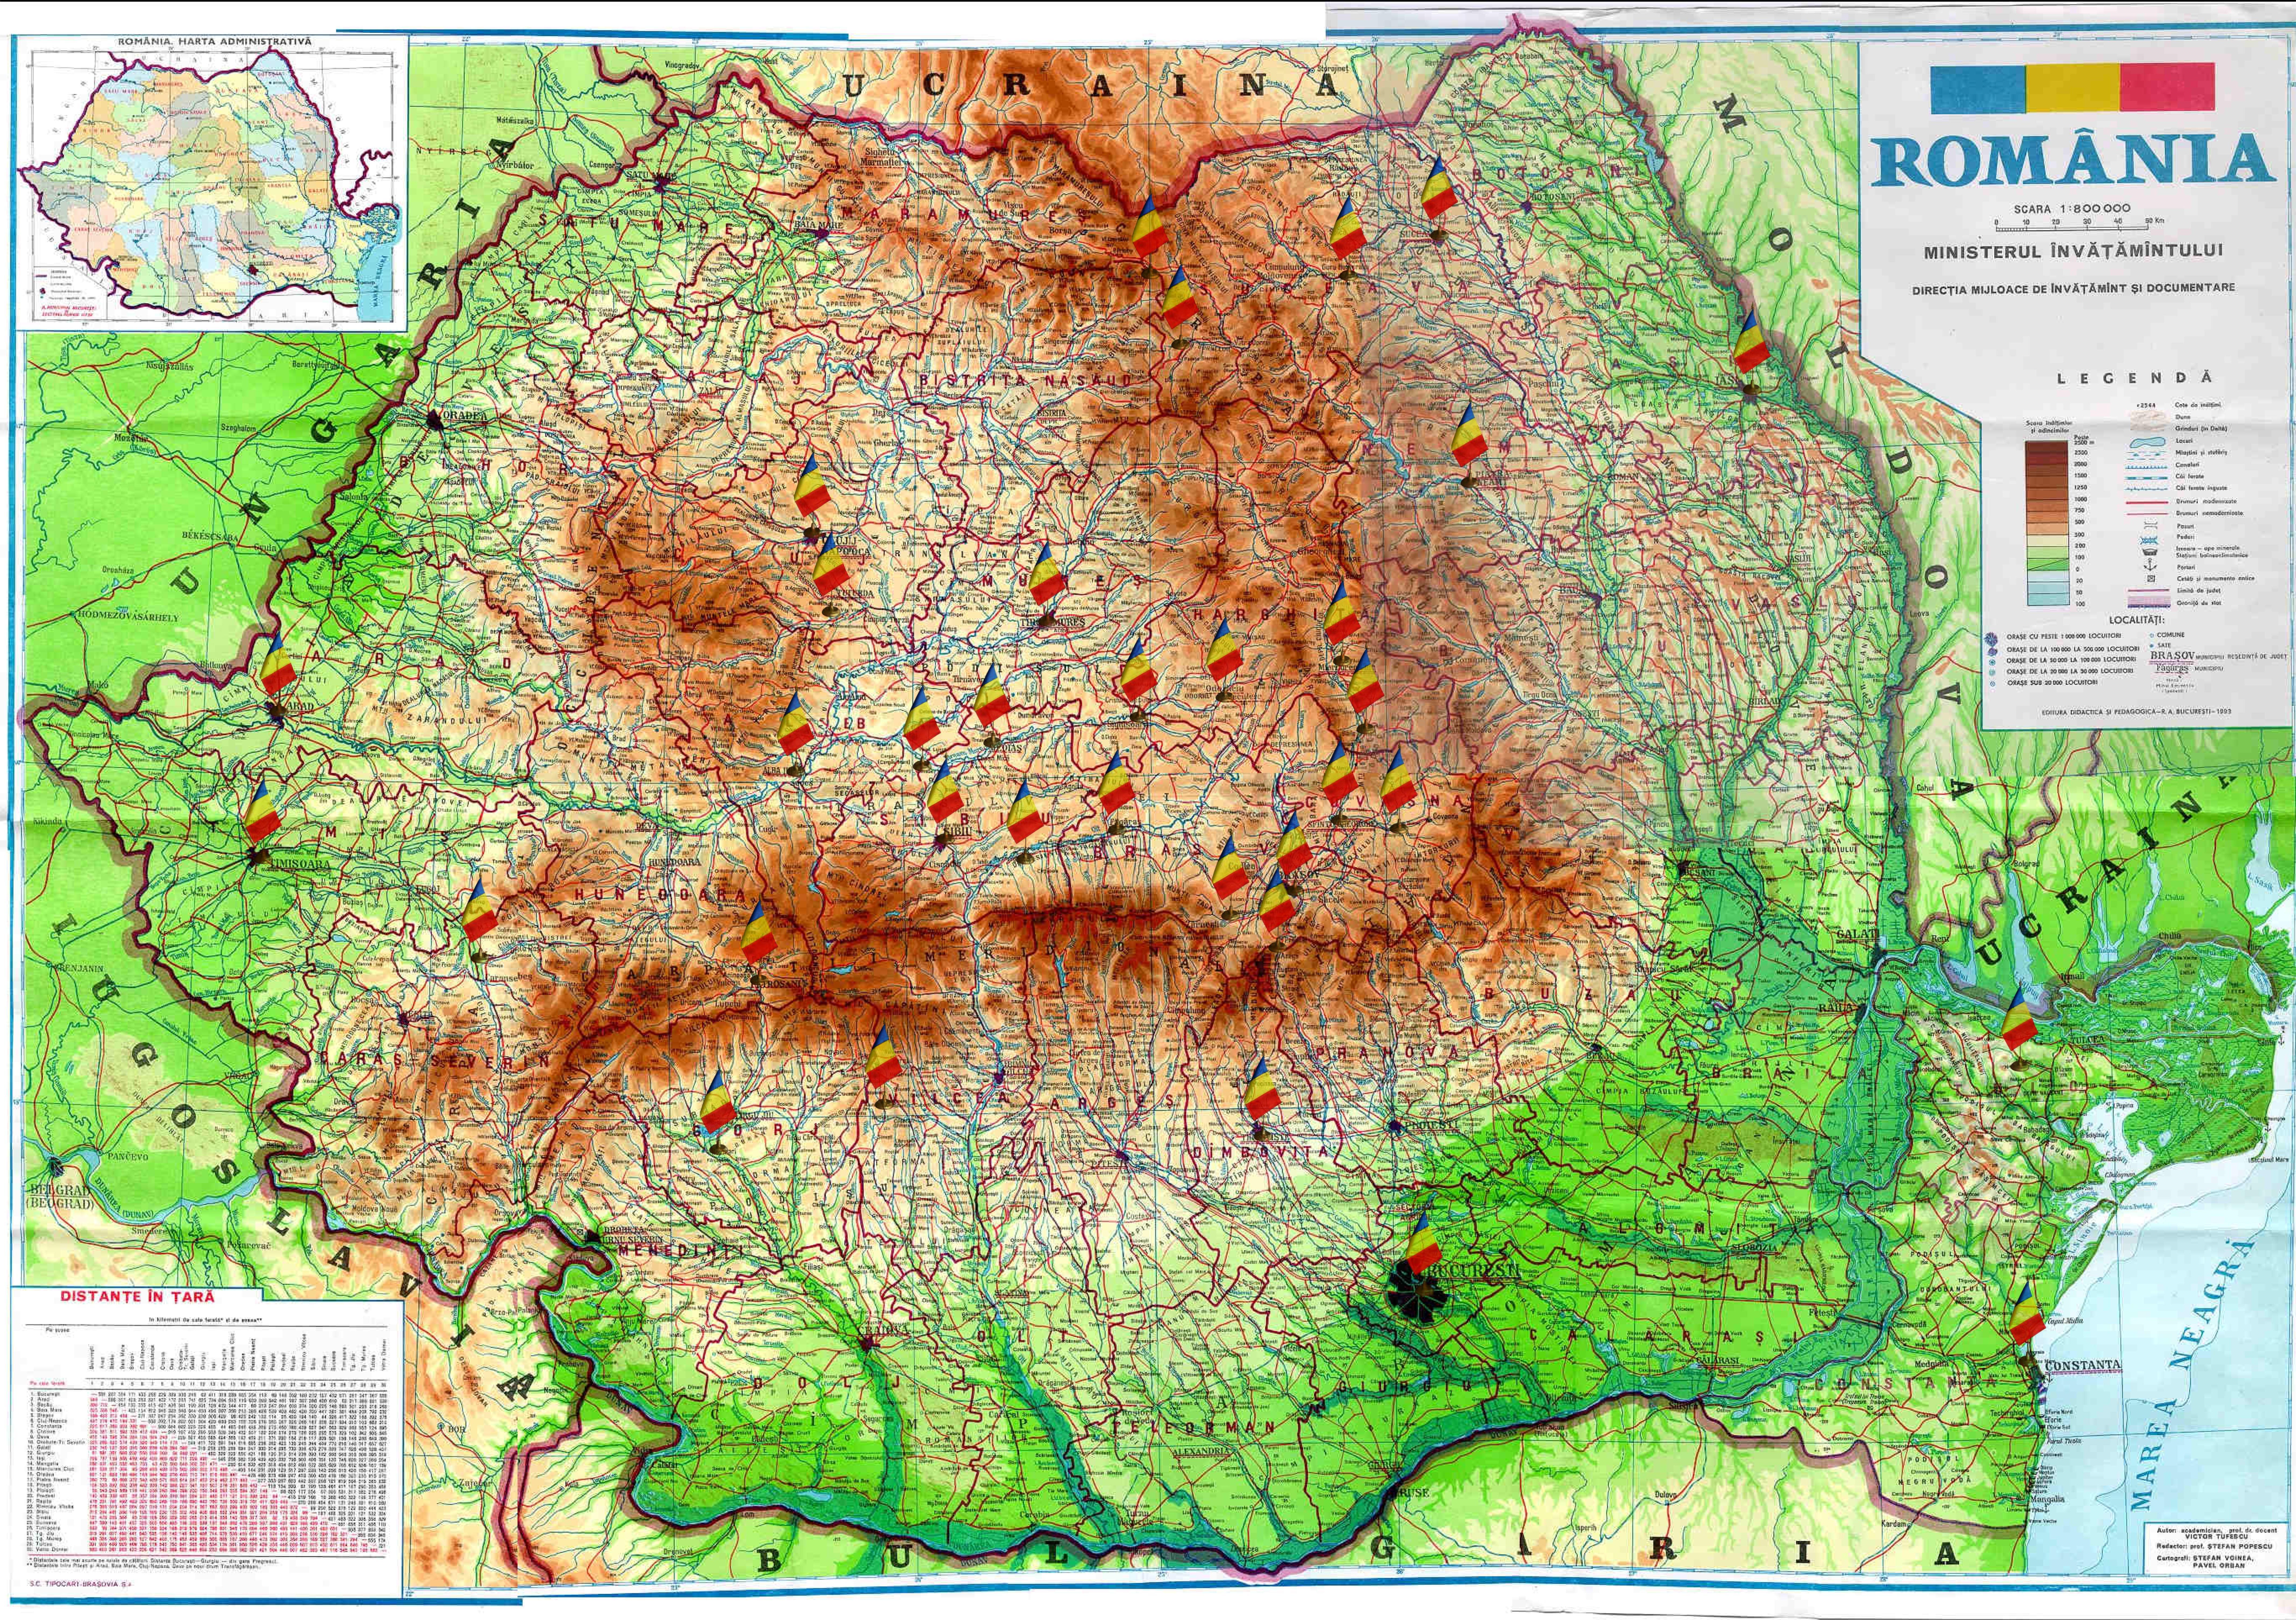 Harta centrelor nationale de informare si promovare turistica